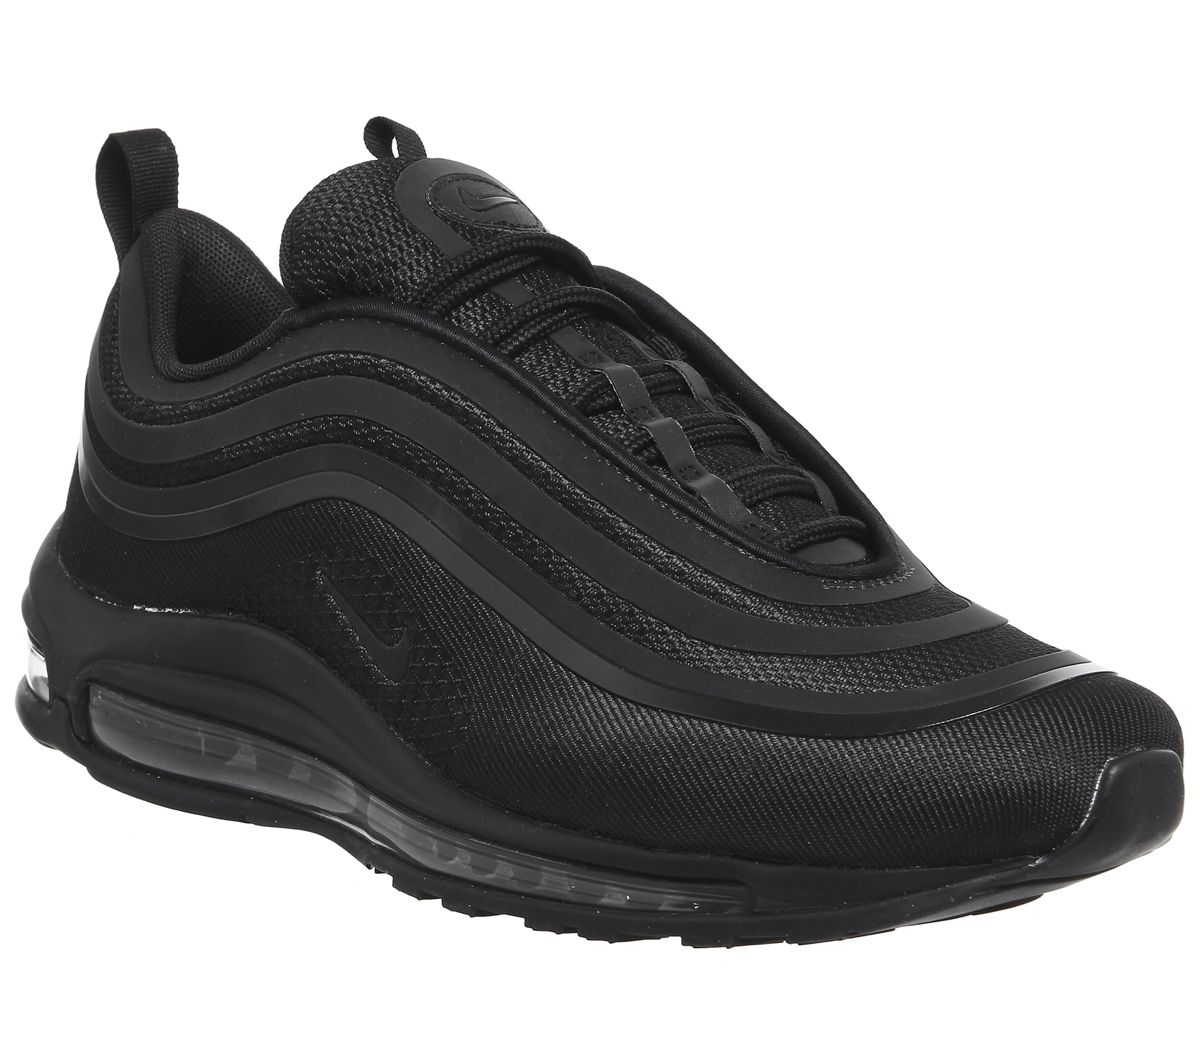 68c3f66067 Nike Air Max 97 Ul Black Mono - His trainers